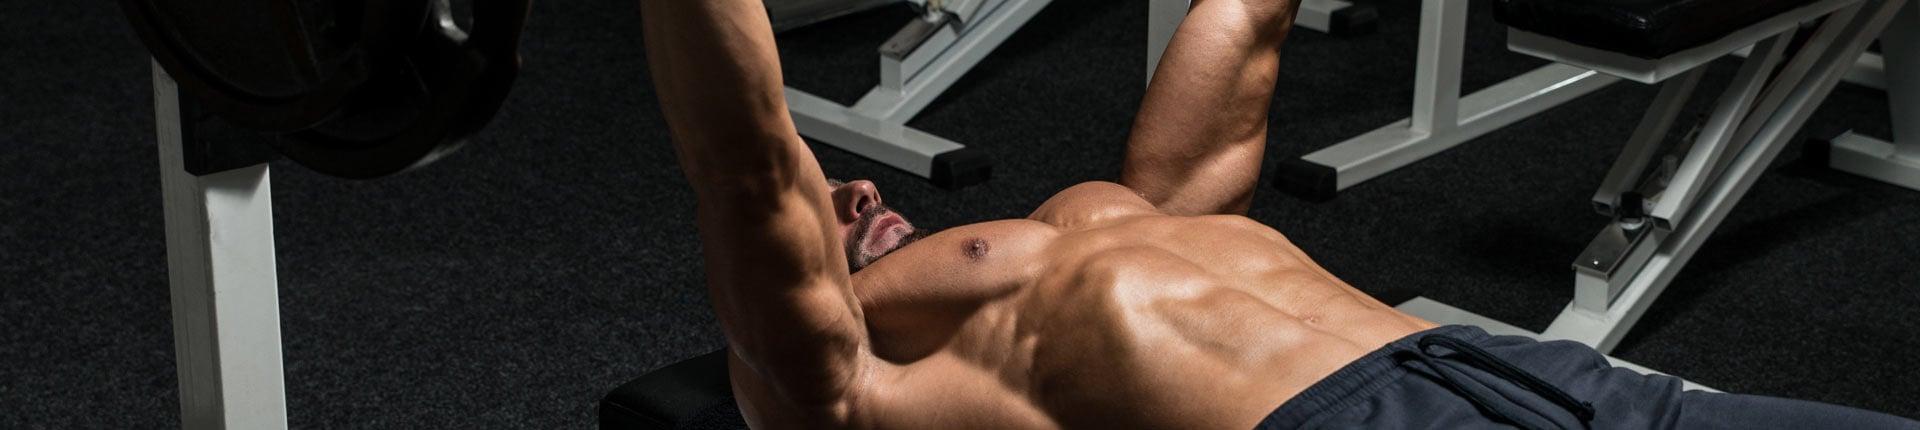 Wyciskanie sztangi to ćwiczenie na klatkę czy triceps?